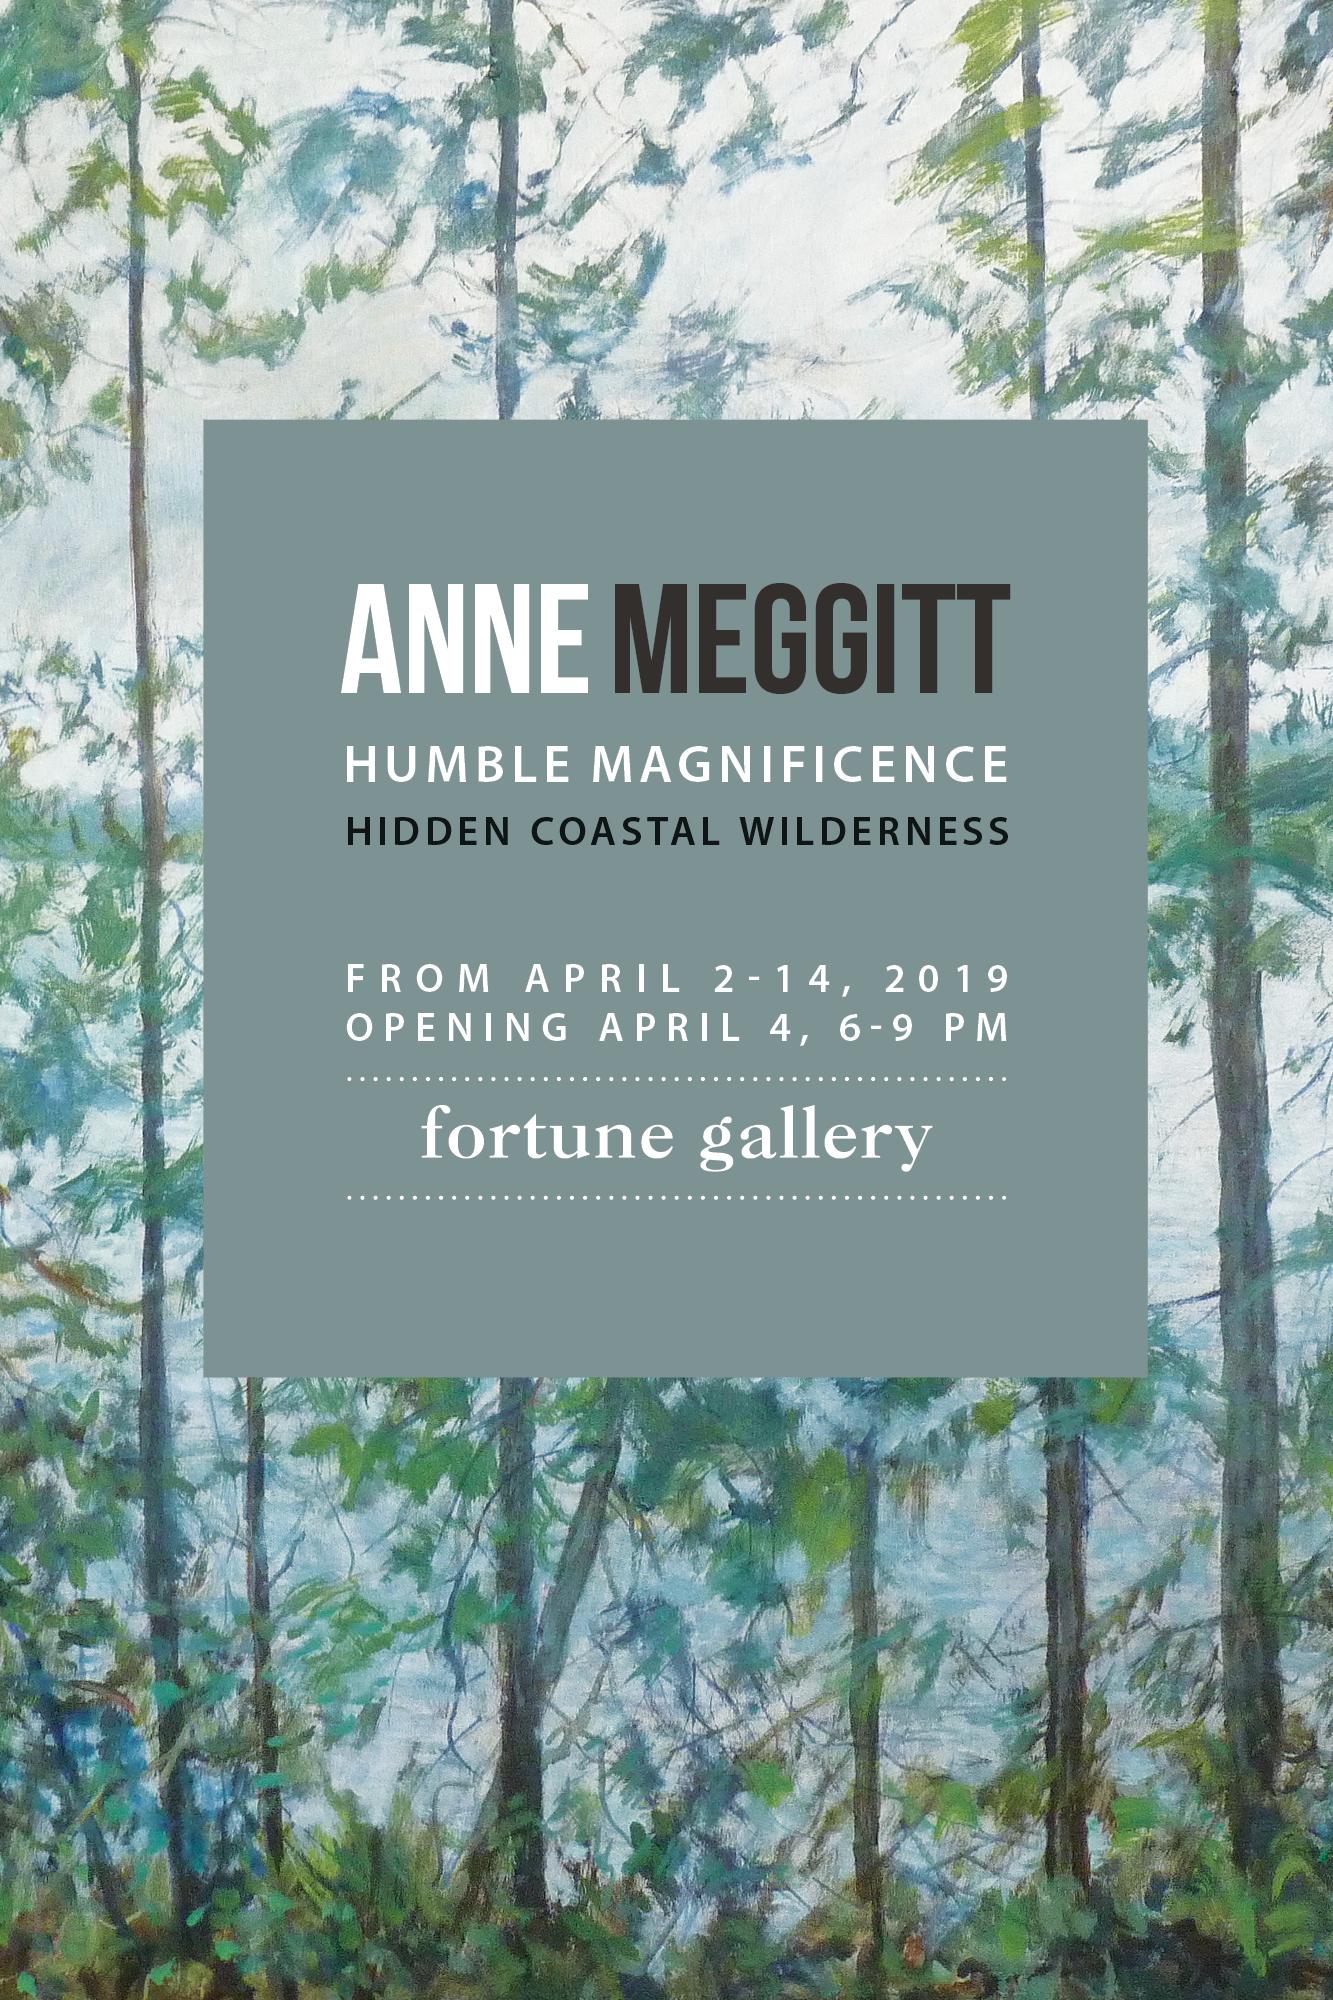 ANNE-MEGGITT-Fortune Gallery-2019.jpg